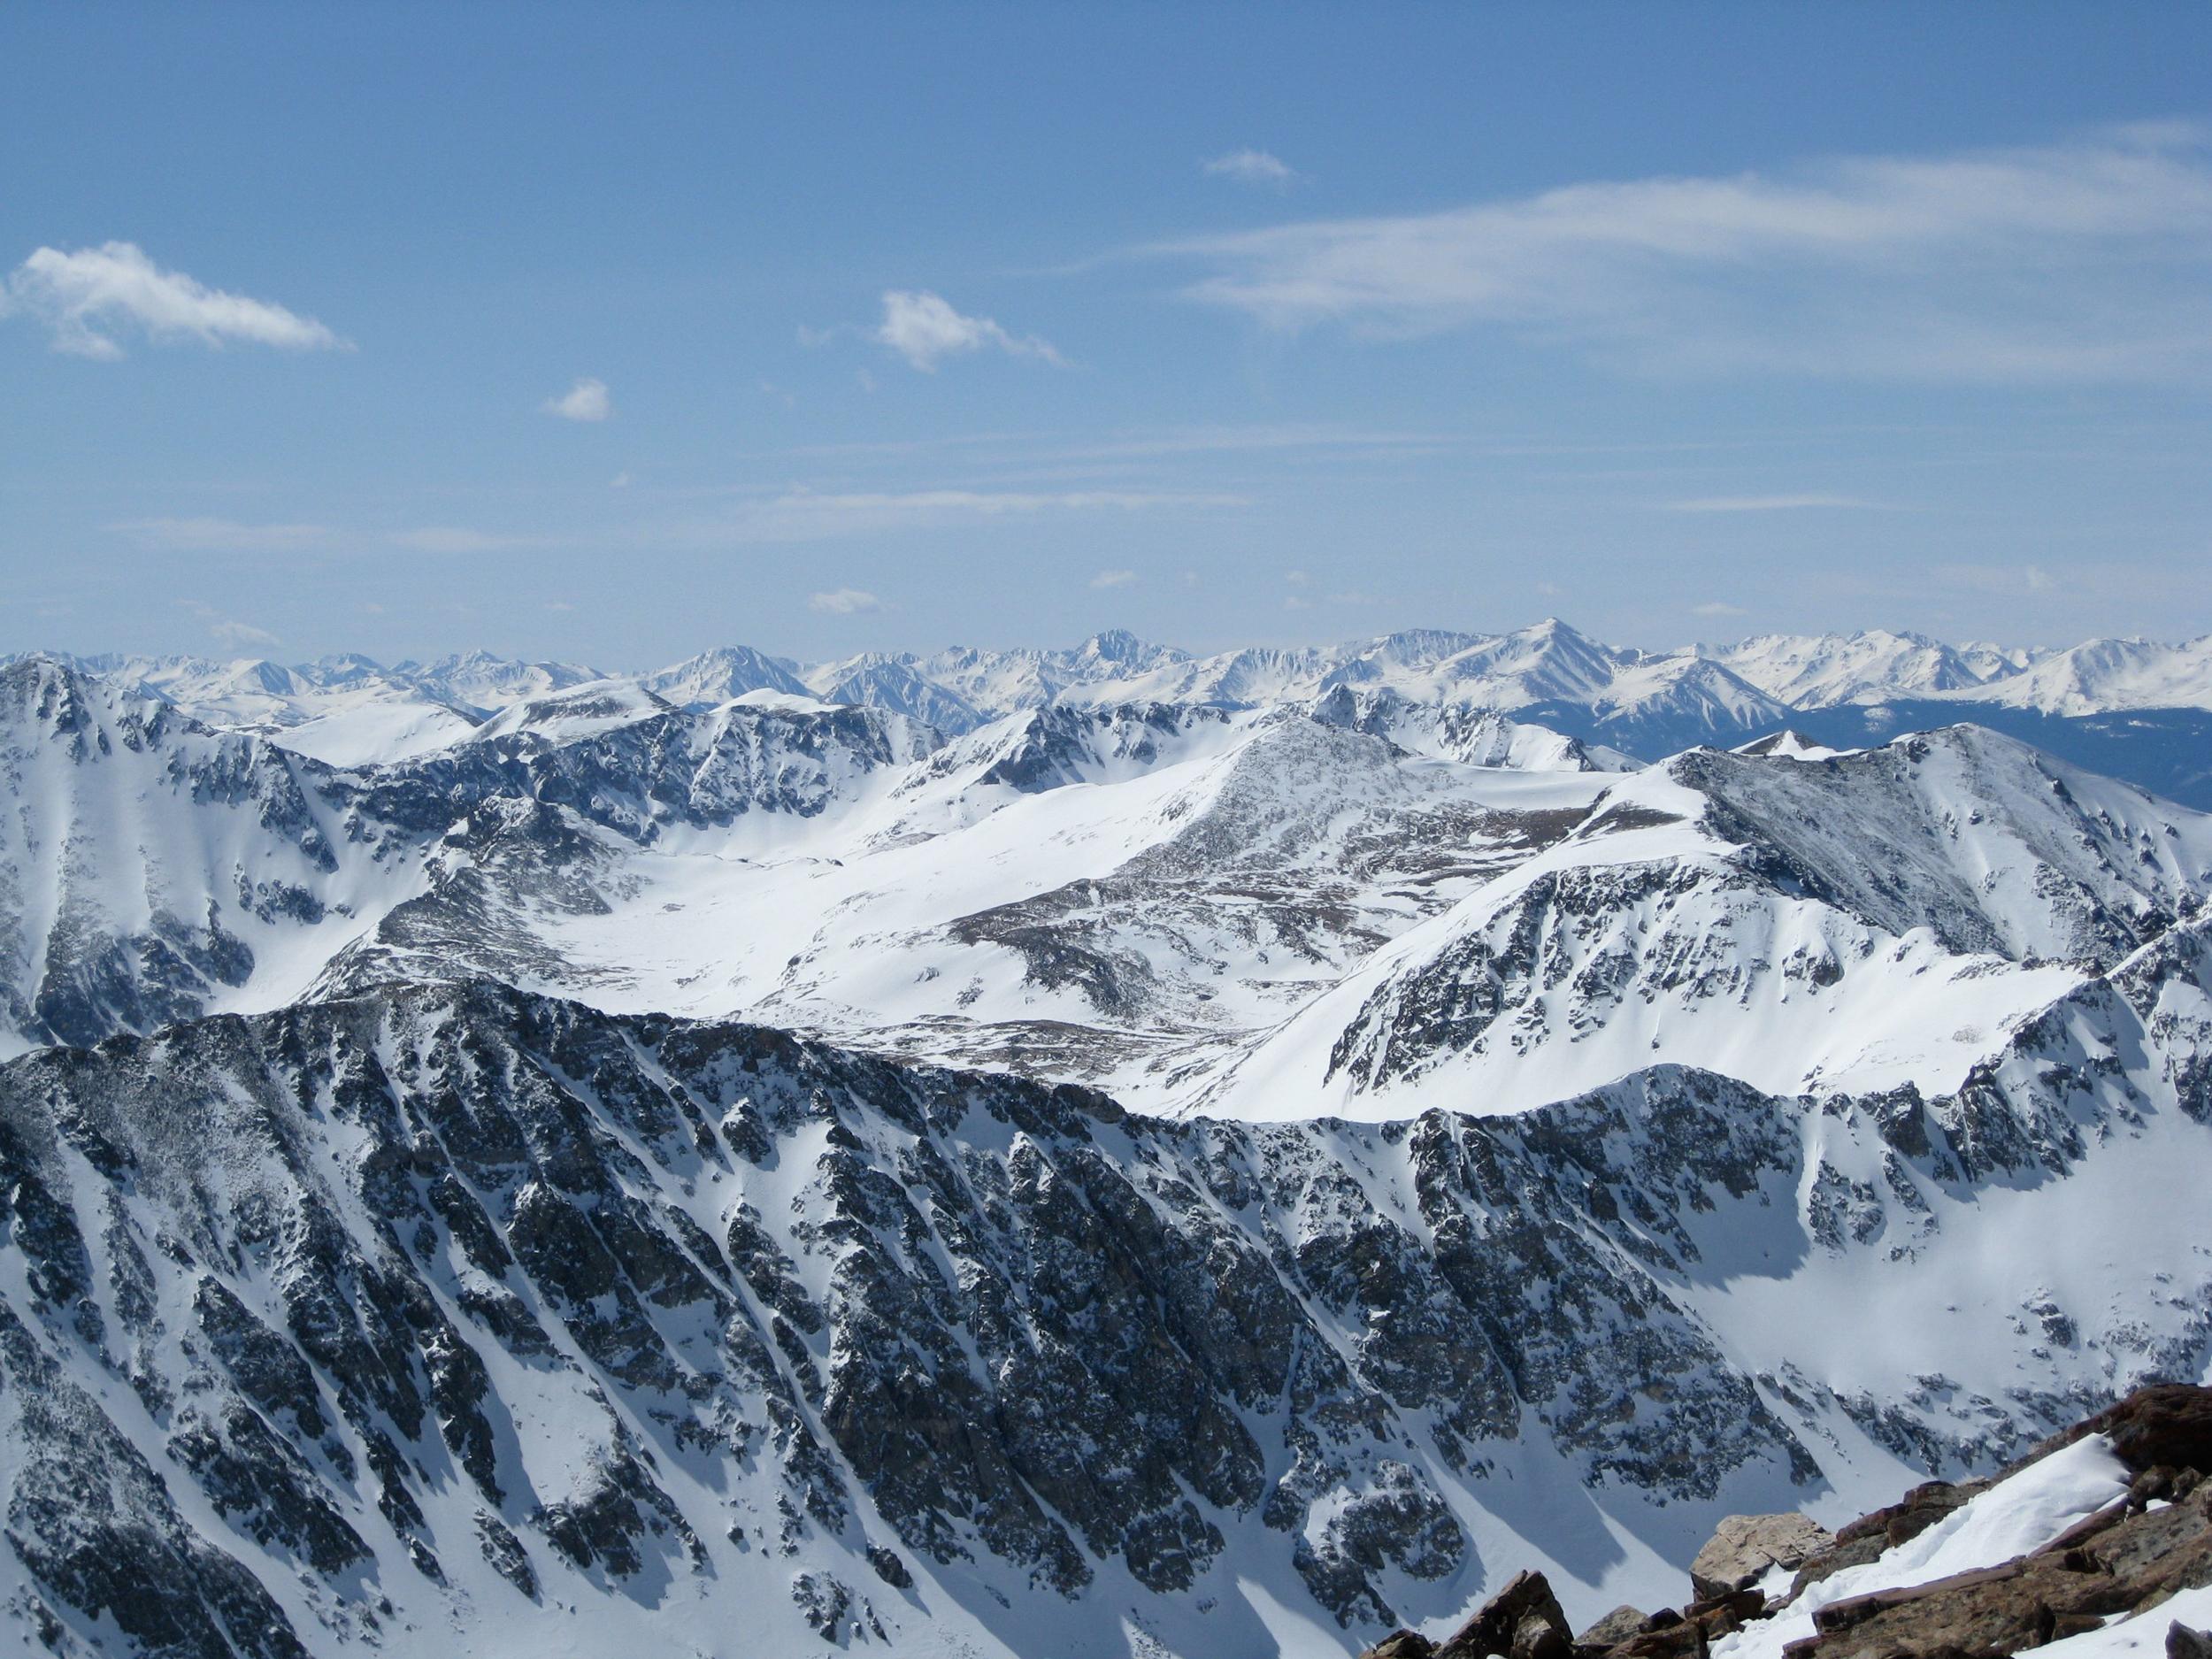 Quandary Peak 2009 - Colorado 14er